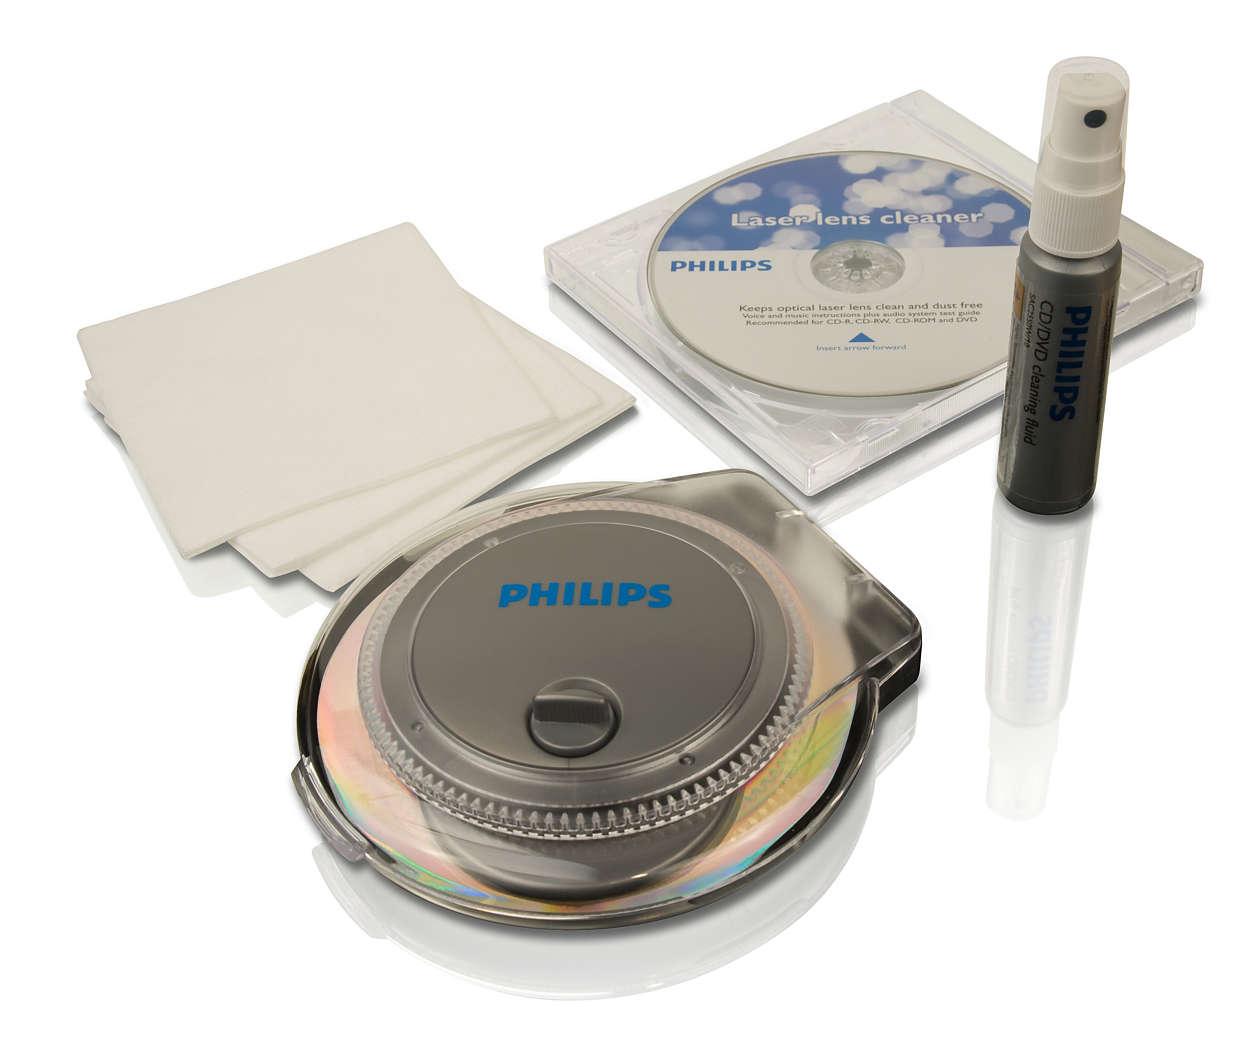 Ό,τι χρειάζεστε για τον καθαρισμό των CD/DVD